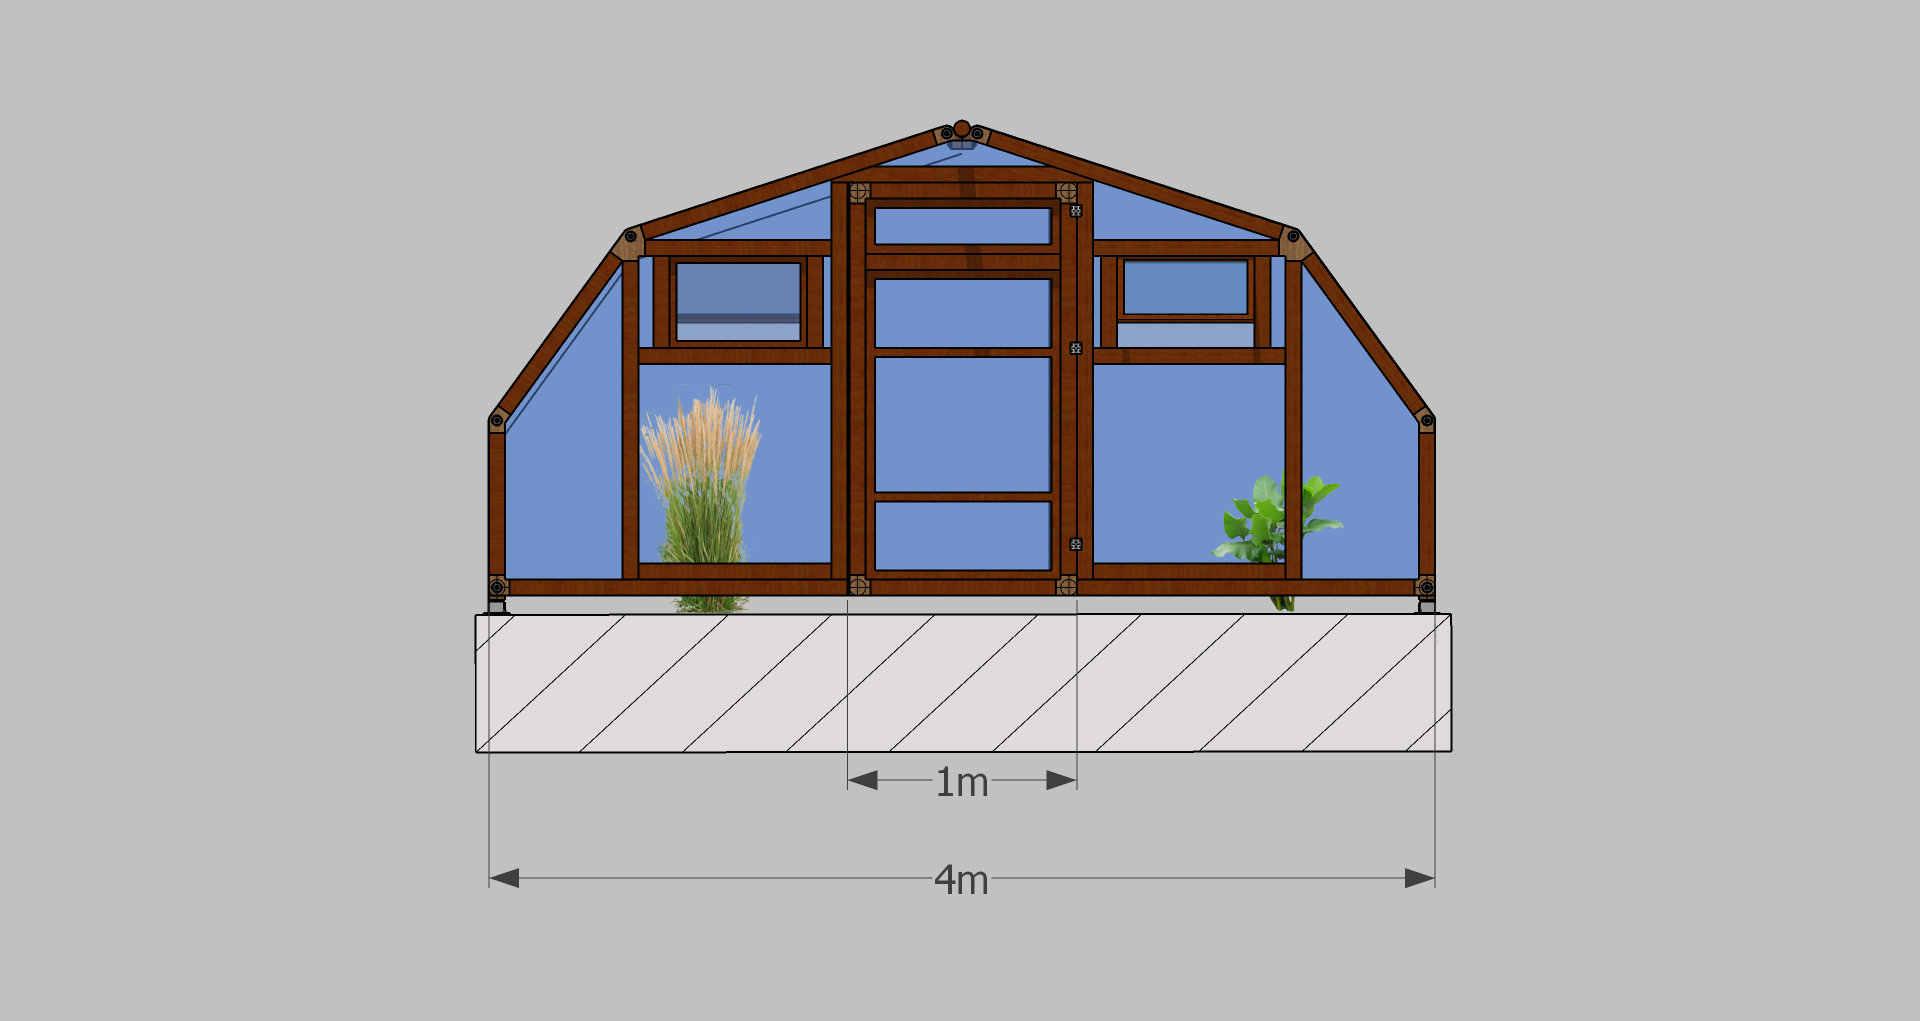 Maße des modularen Gewächshauses